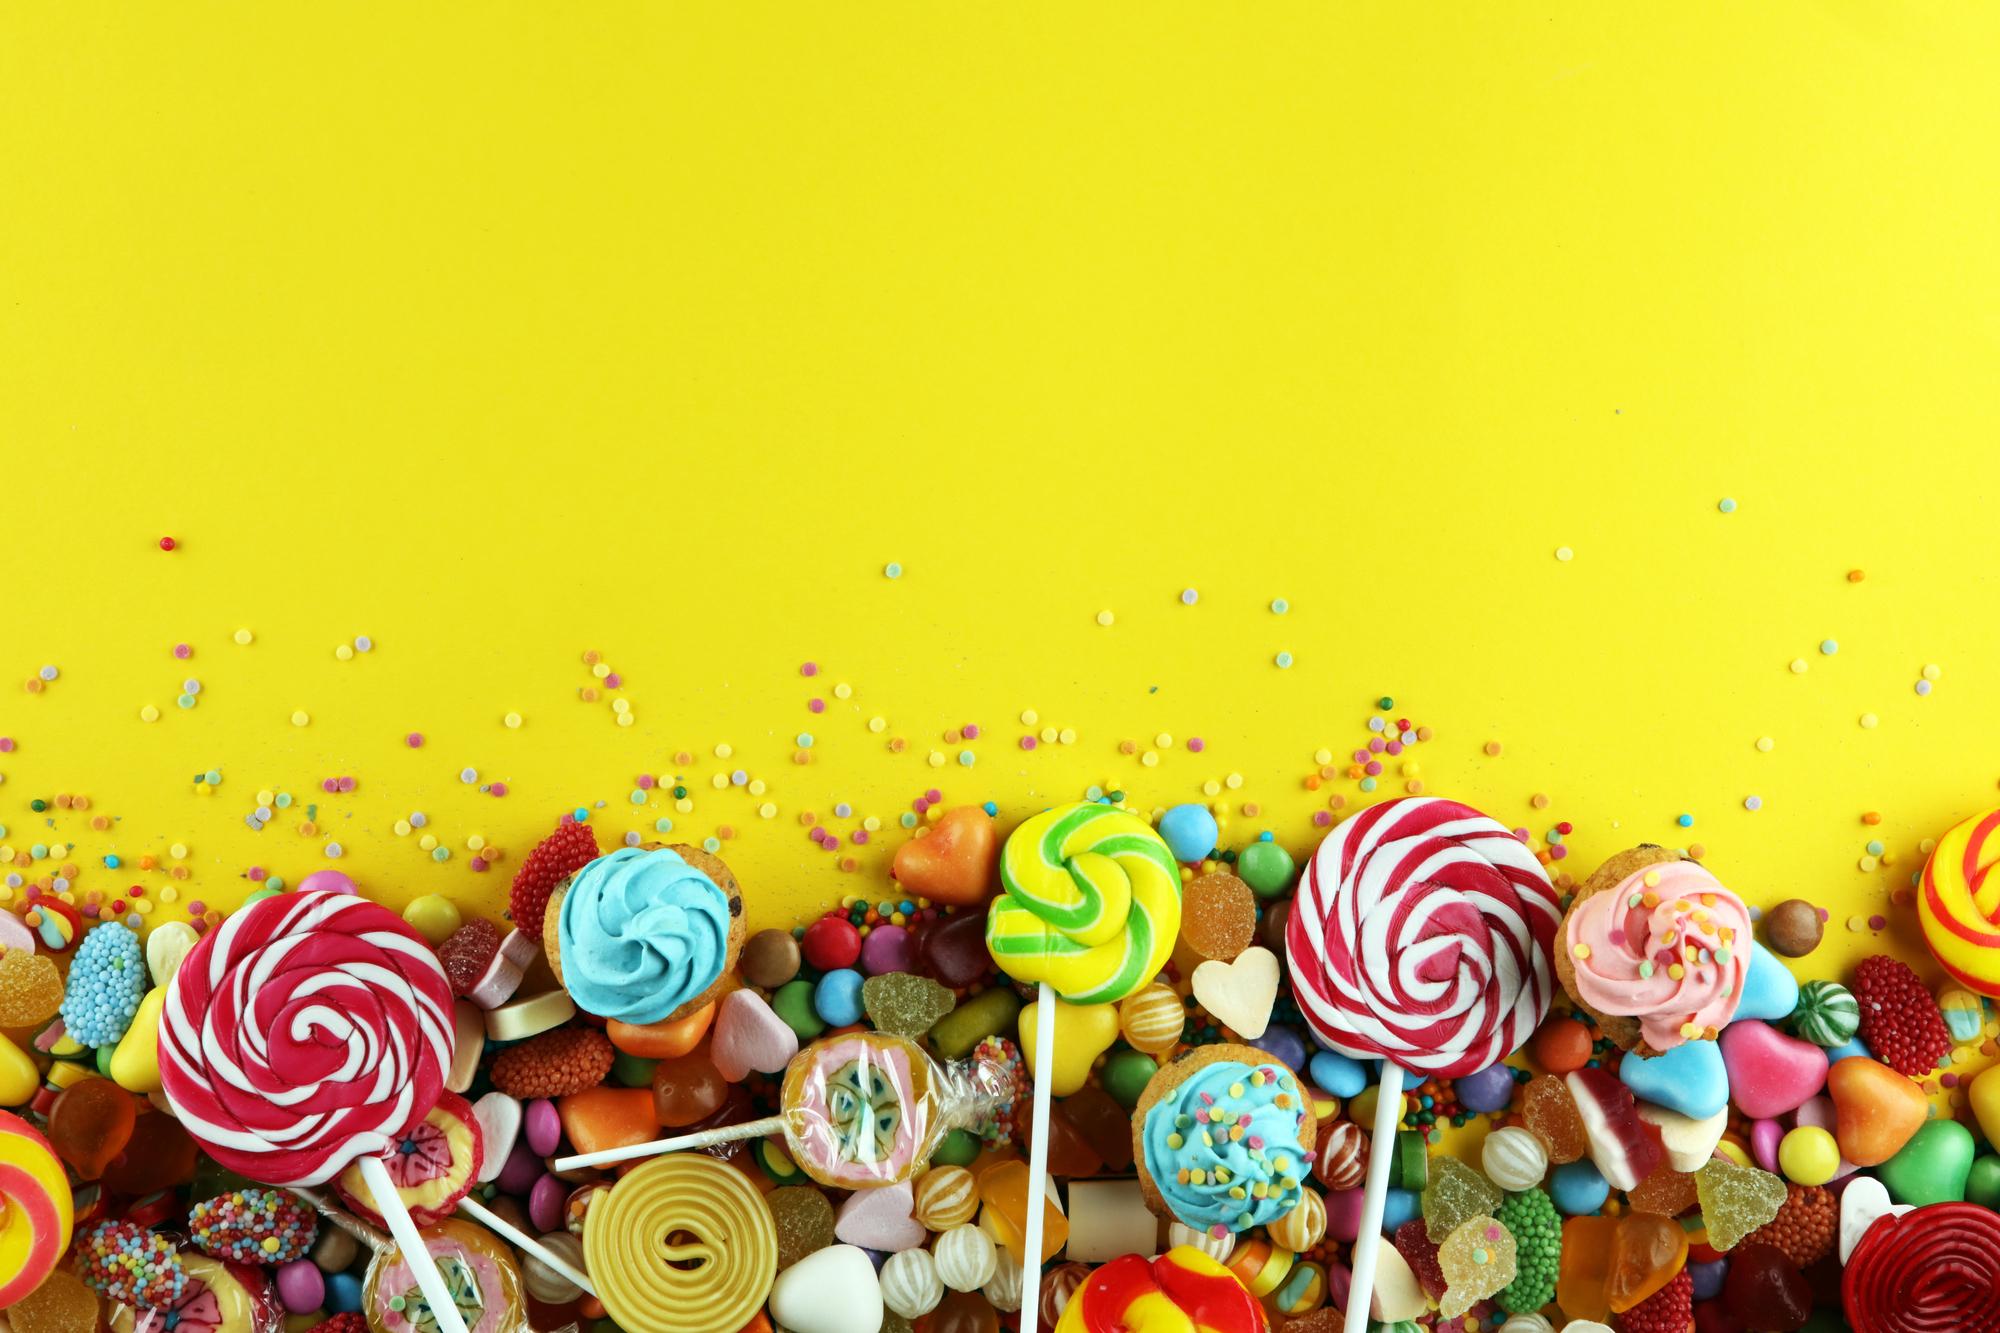 Für Naschkatzen, Süßigkeiten sind eine tolle Deko für die Fototapete in der Küche. Foto: beats1 via Depositphotos